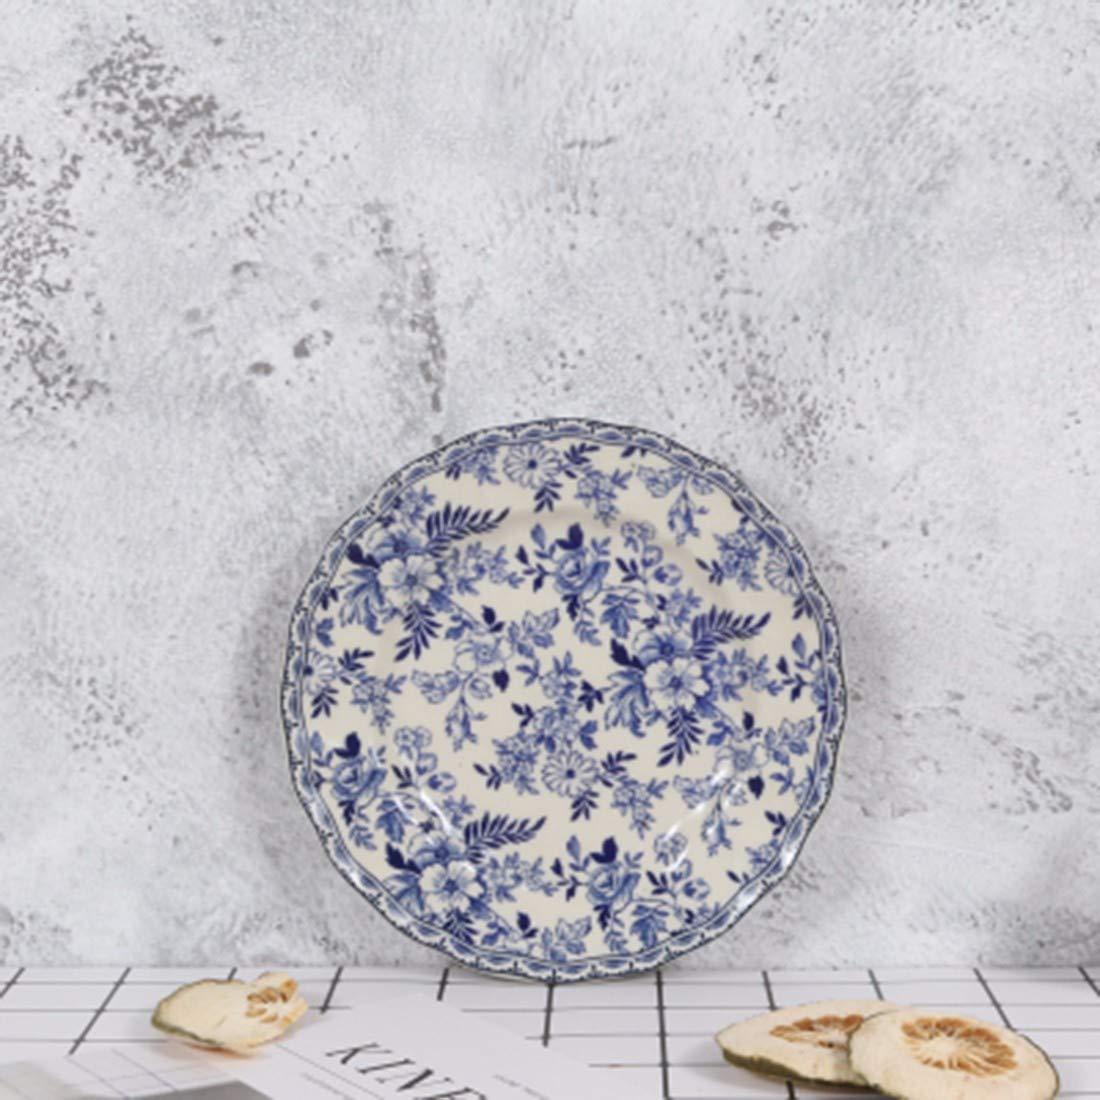 QPGGP-Teller British Household Platten, blau - weißem Porzellan, westliche Gerichte der europäischen küche,e